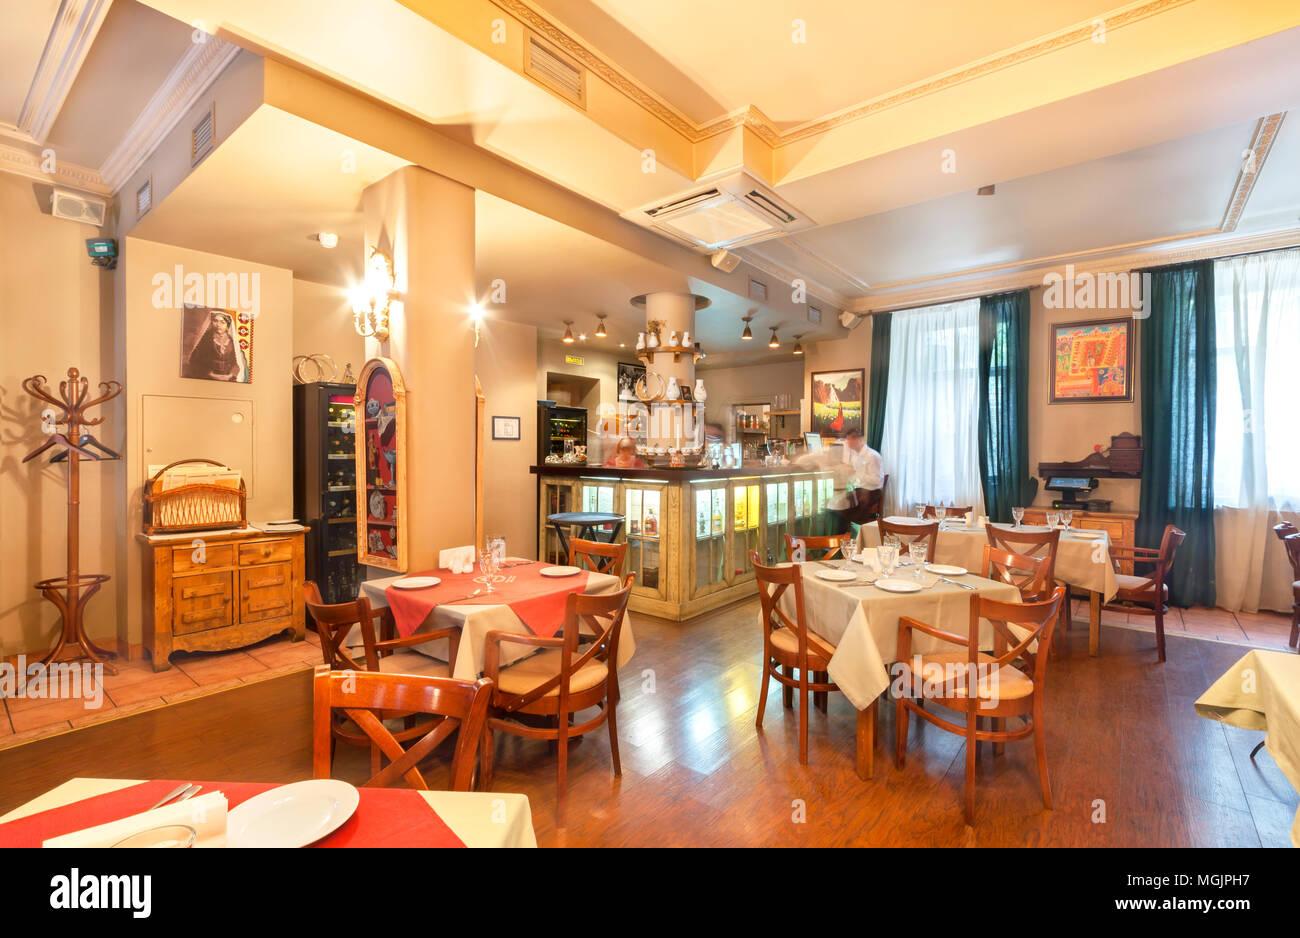 Moskau - AUGUST 2014: Innenraum des Restaurants ist die Heimat der ...